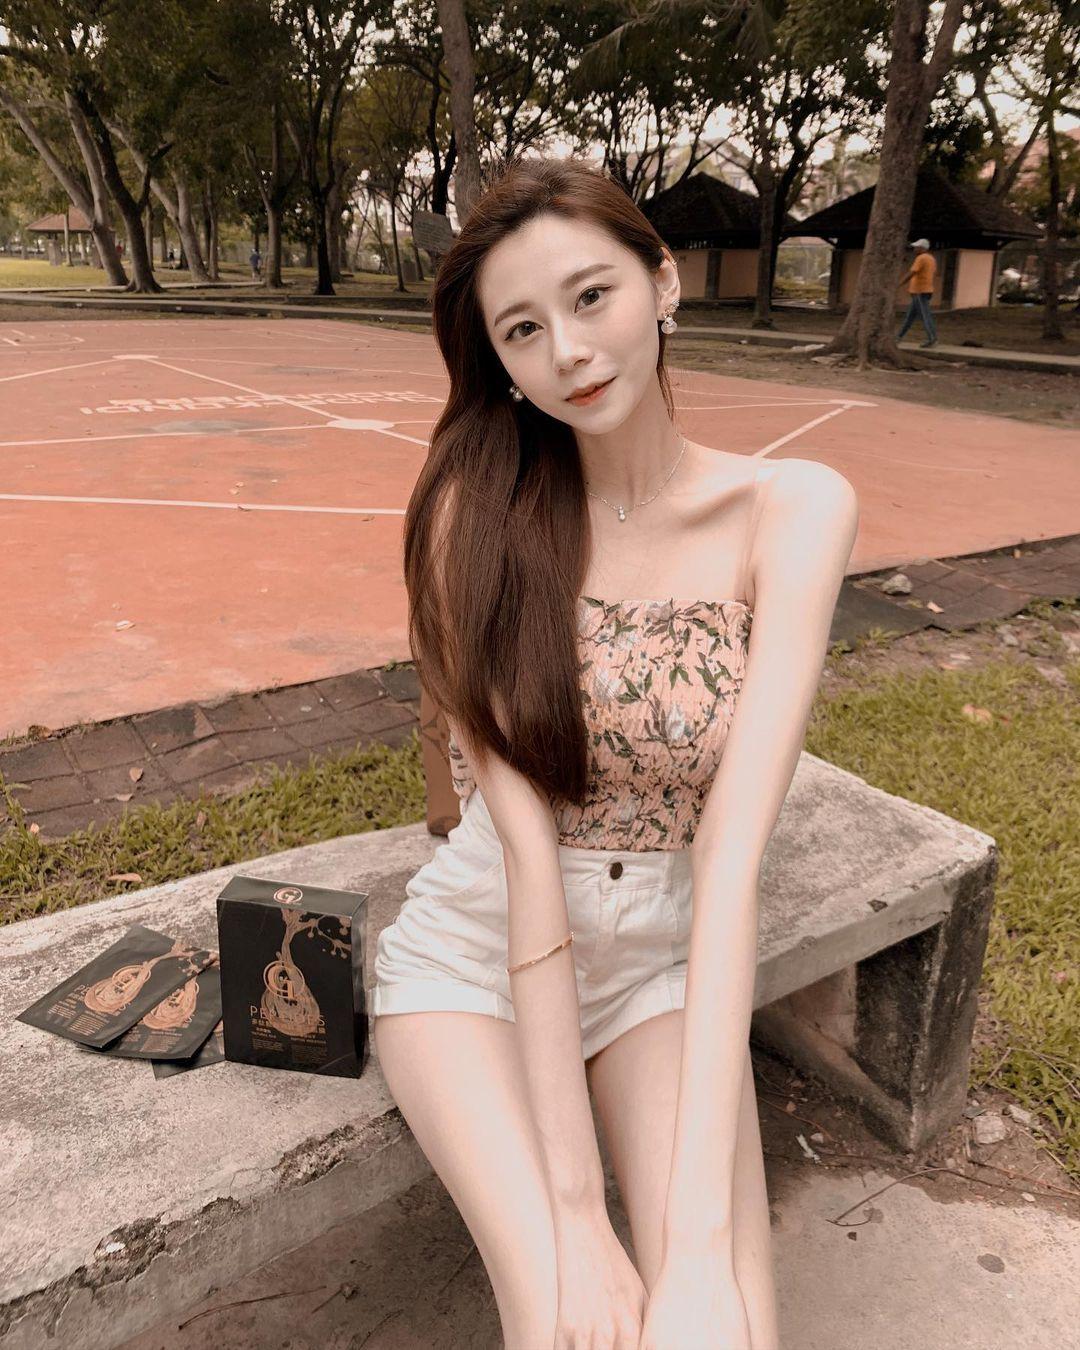 马来西亚的网红美女羽球系正妹思欣 超甜 网络美女 第14张